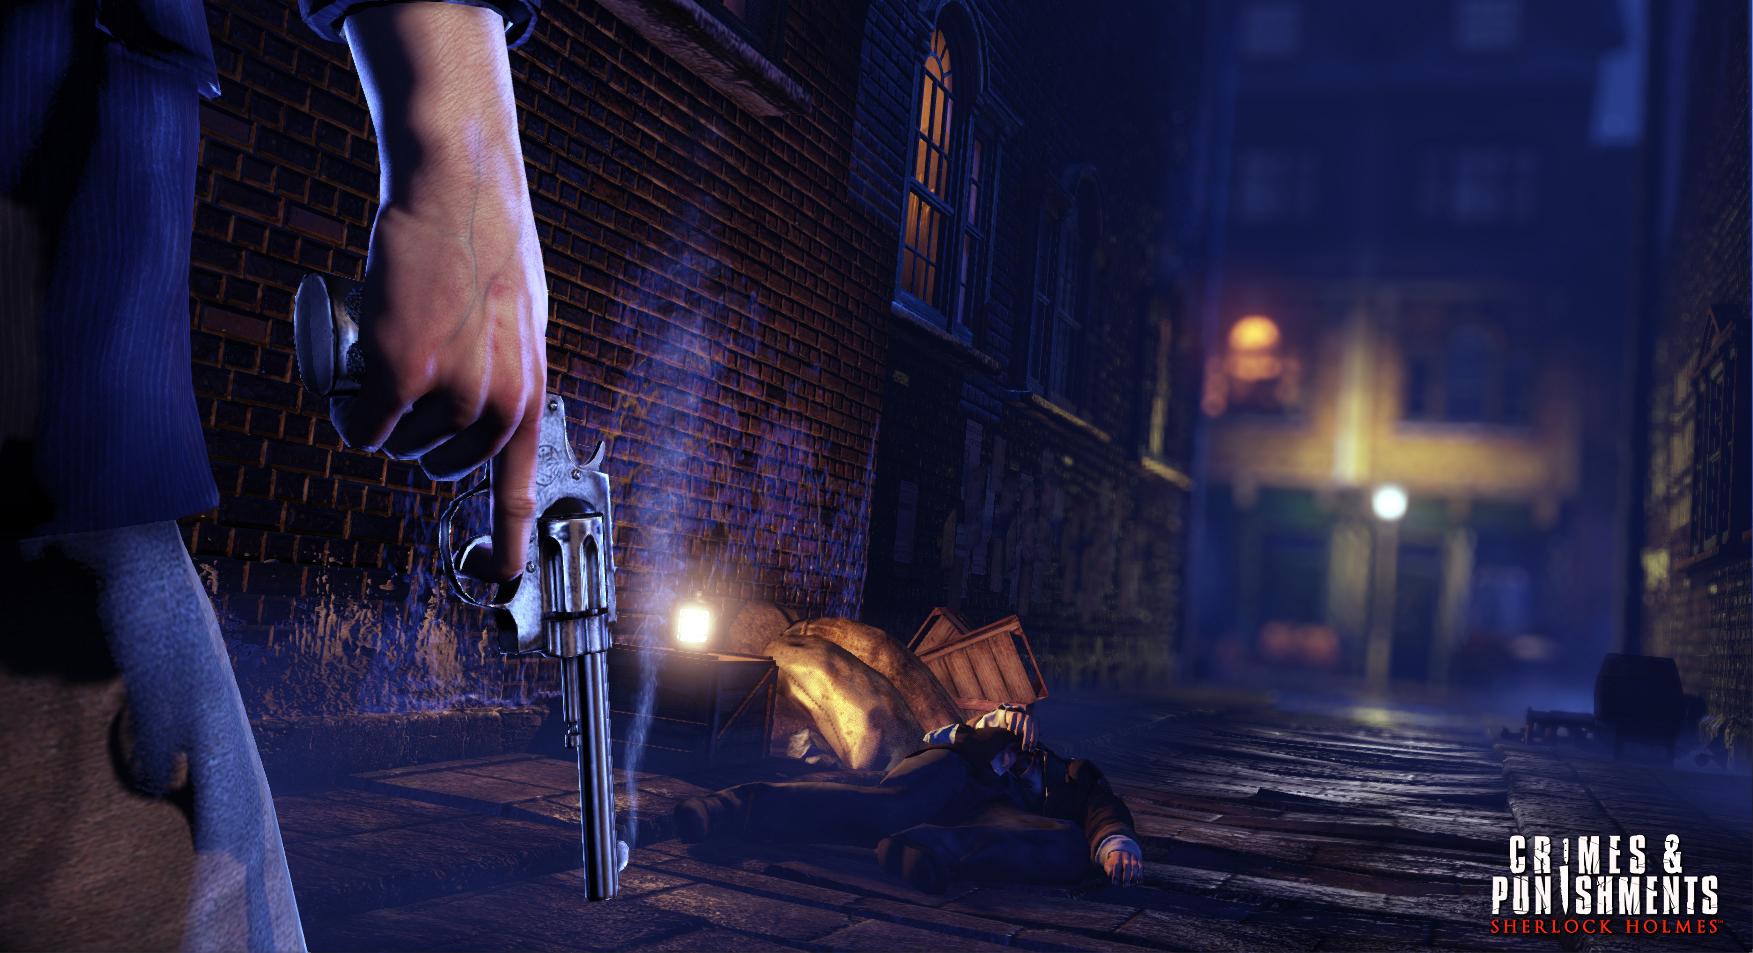 Sherlock Holmes bude pátrat i na PS4 87998